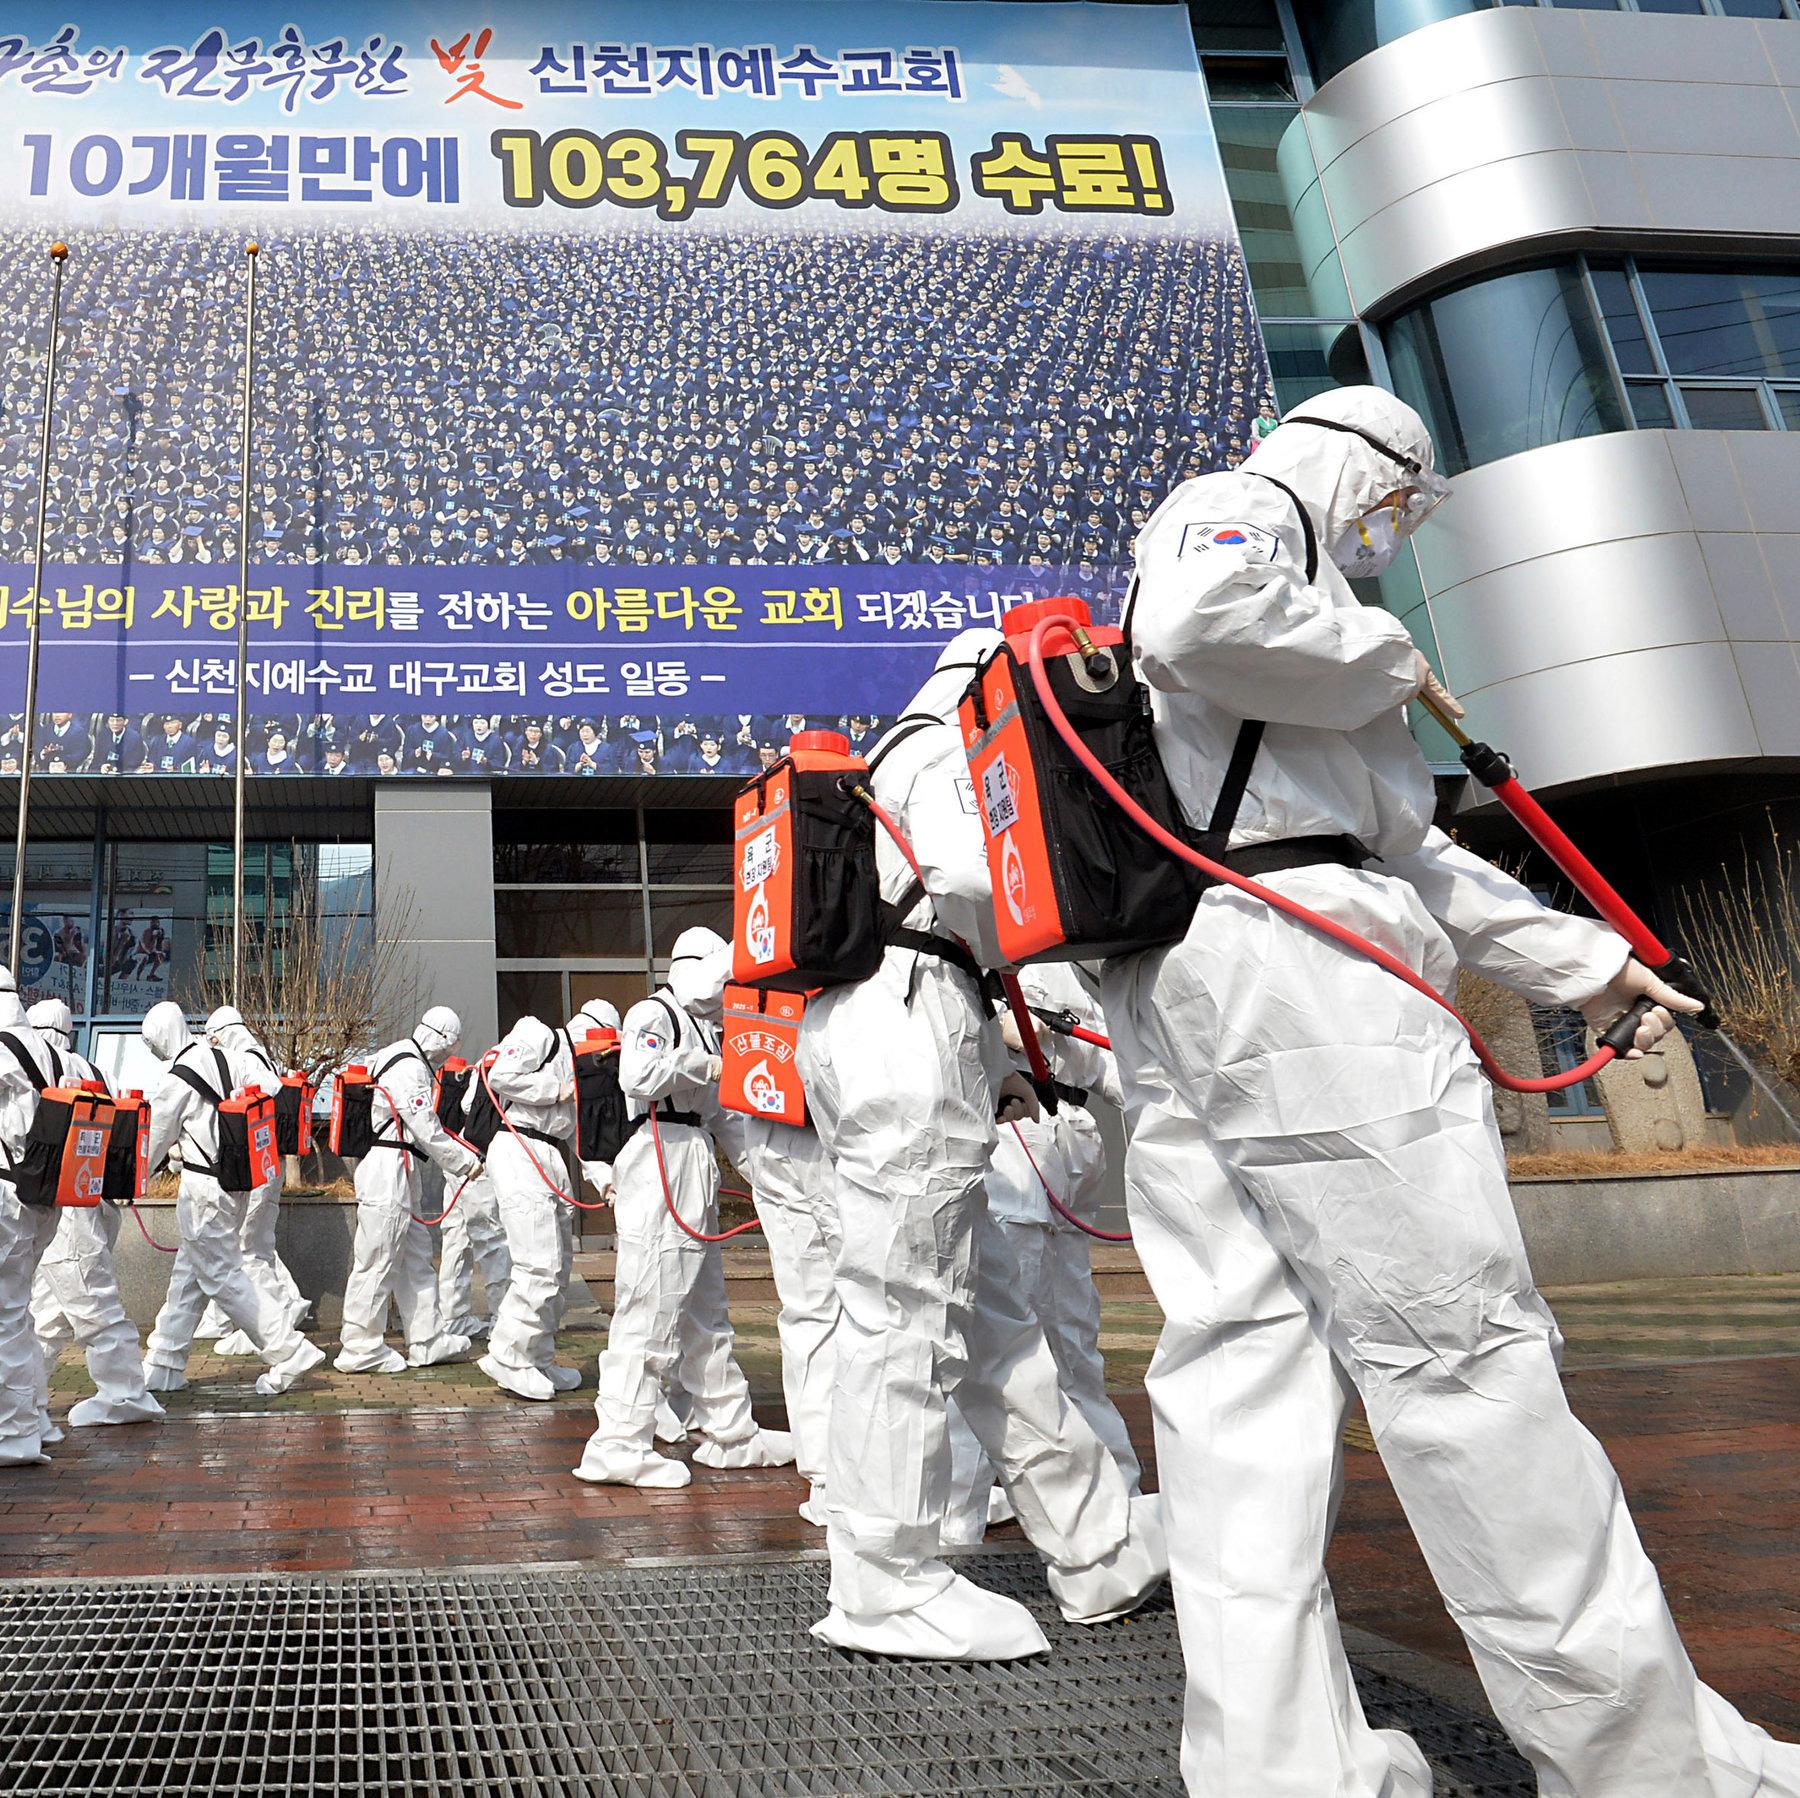 Chạm mốc 1 triệu ca nhiễm toàn cầu: Virus Covid-19 đã lây lan khủng khiếp ra sao? - Ảnh 7.